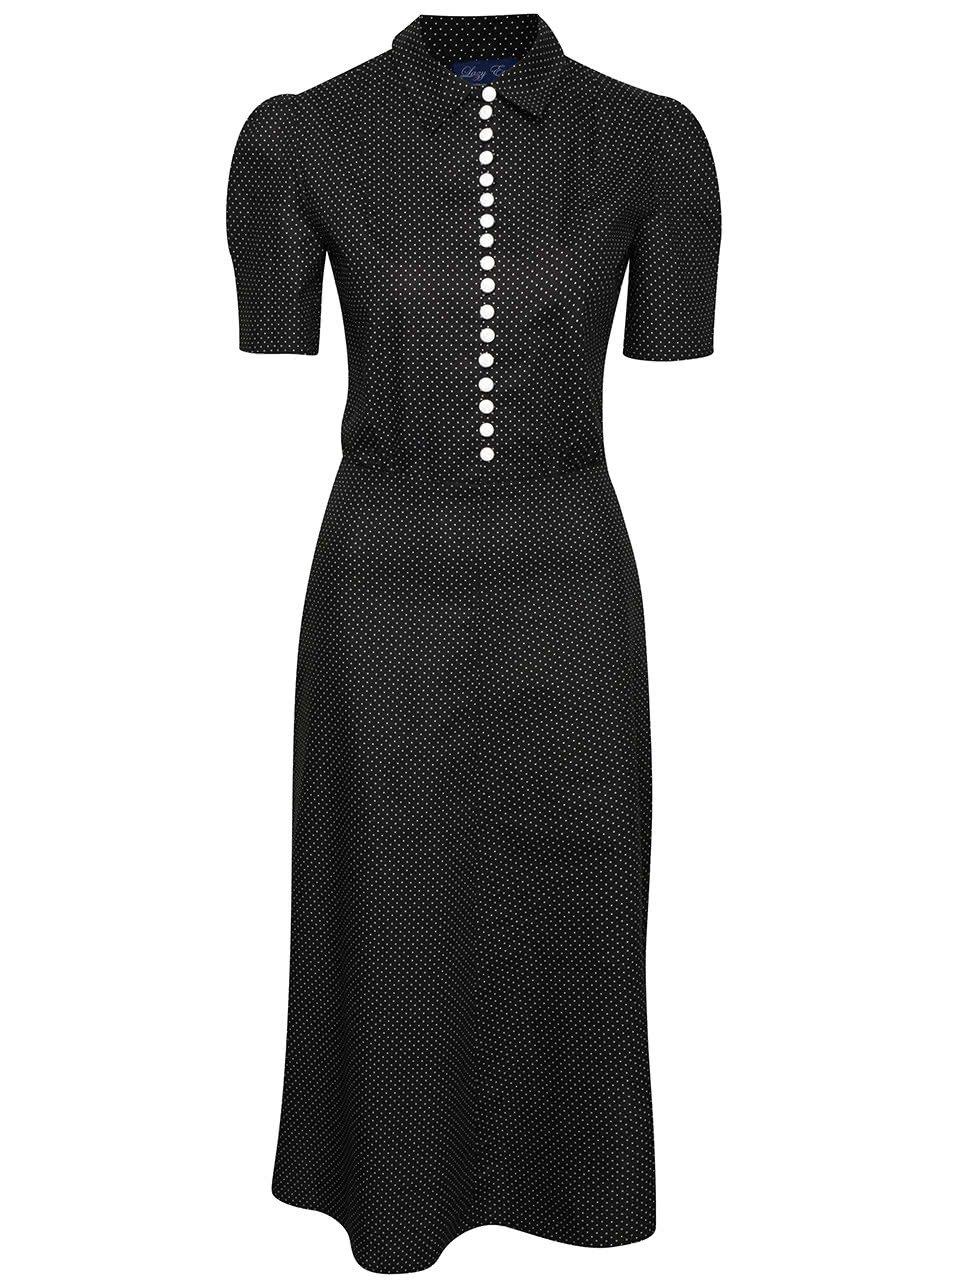 Černé puntíkované retro šaty s knoflíky Lazy Eye Marlen